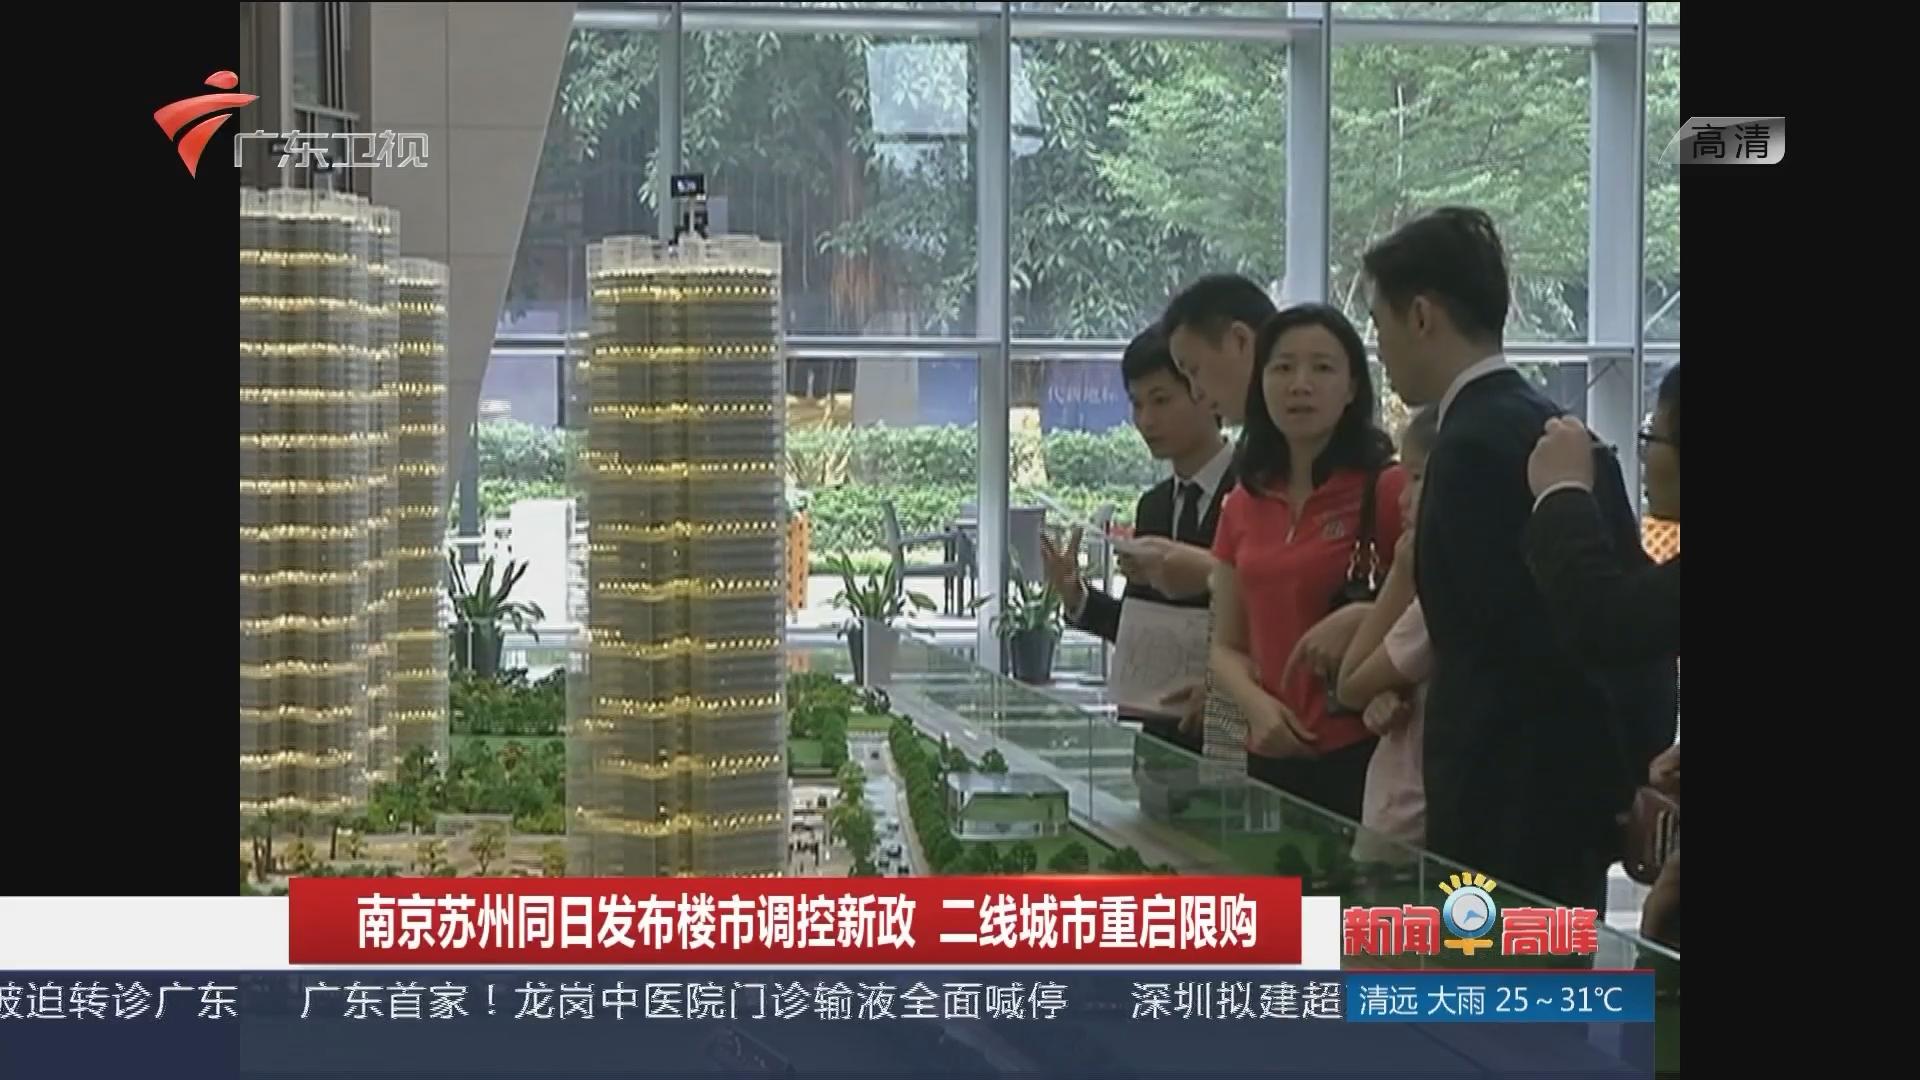 南京苏州同日发布楼市调控新政 二线城市重启限购